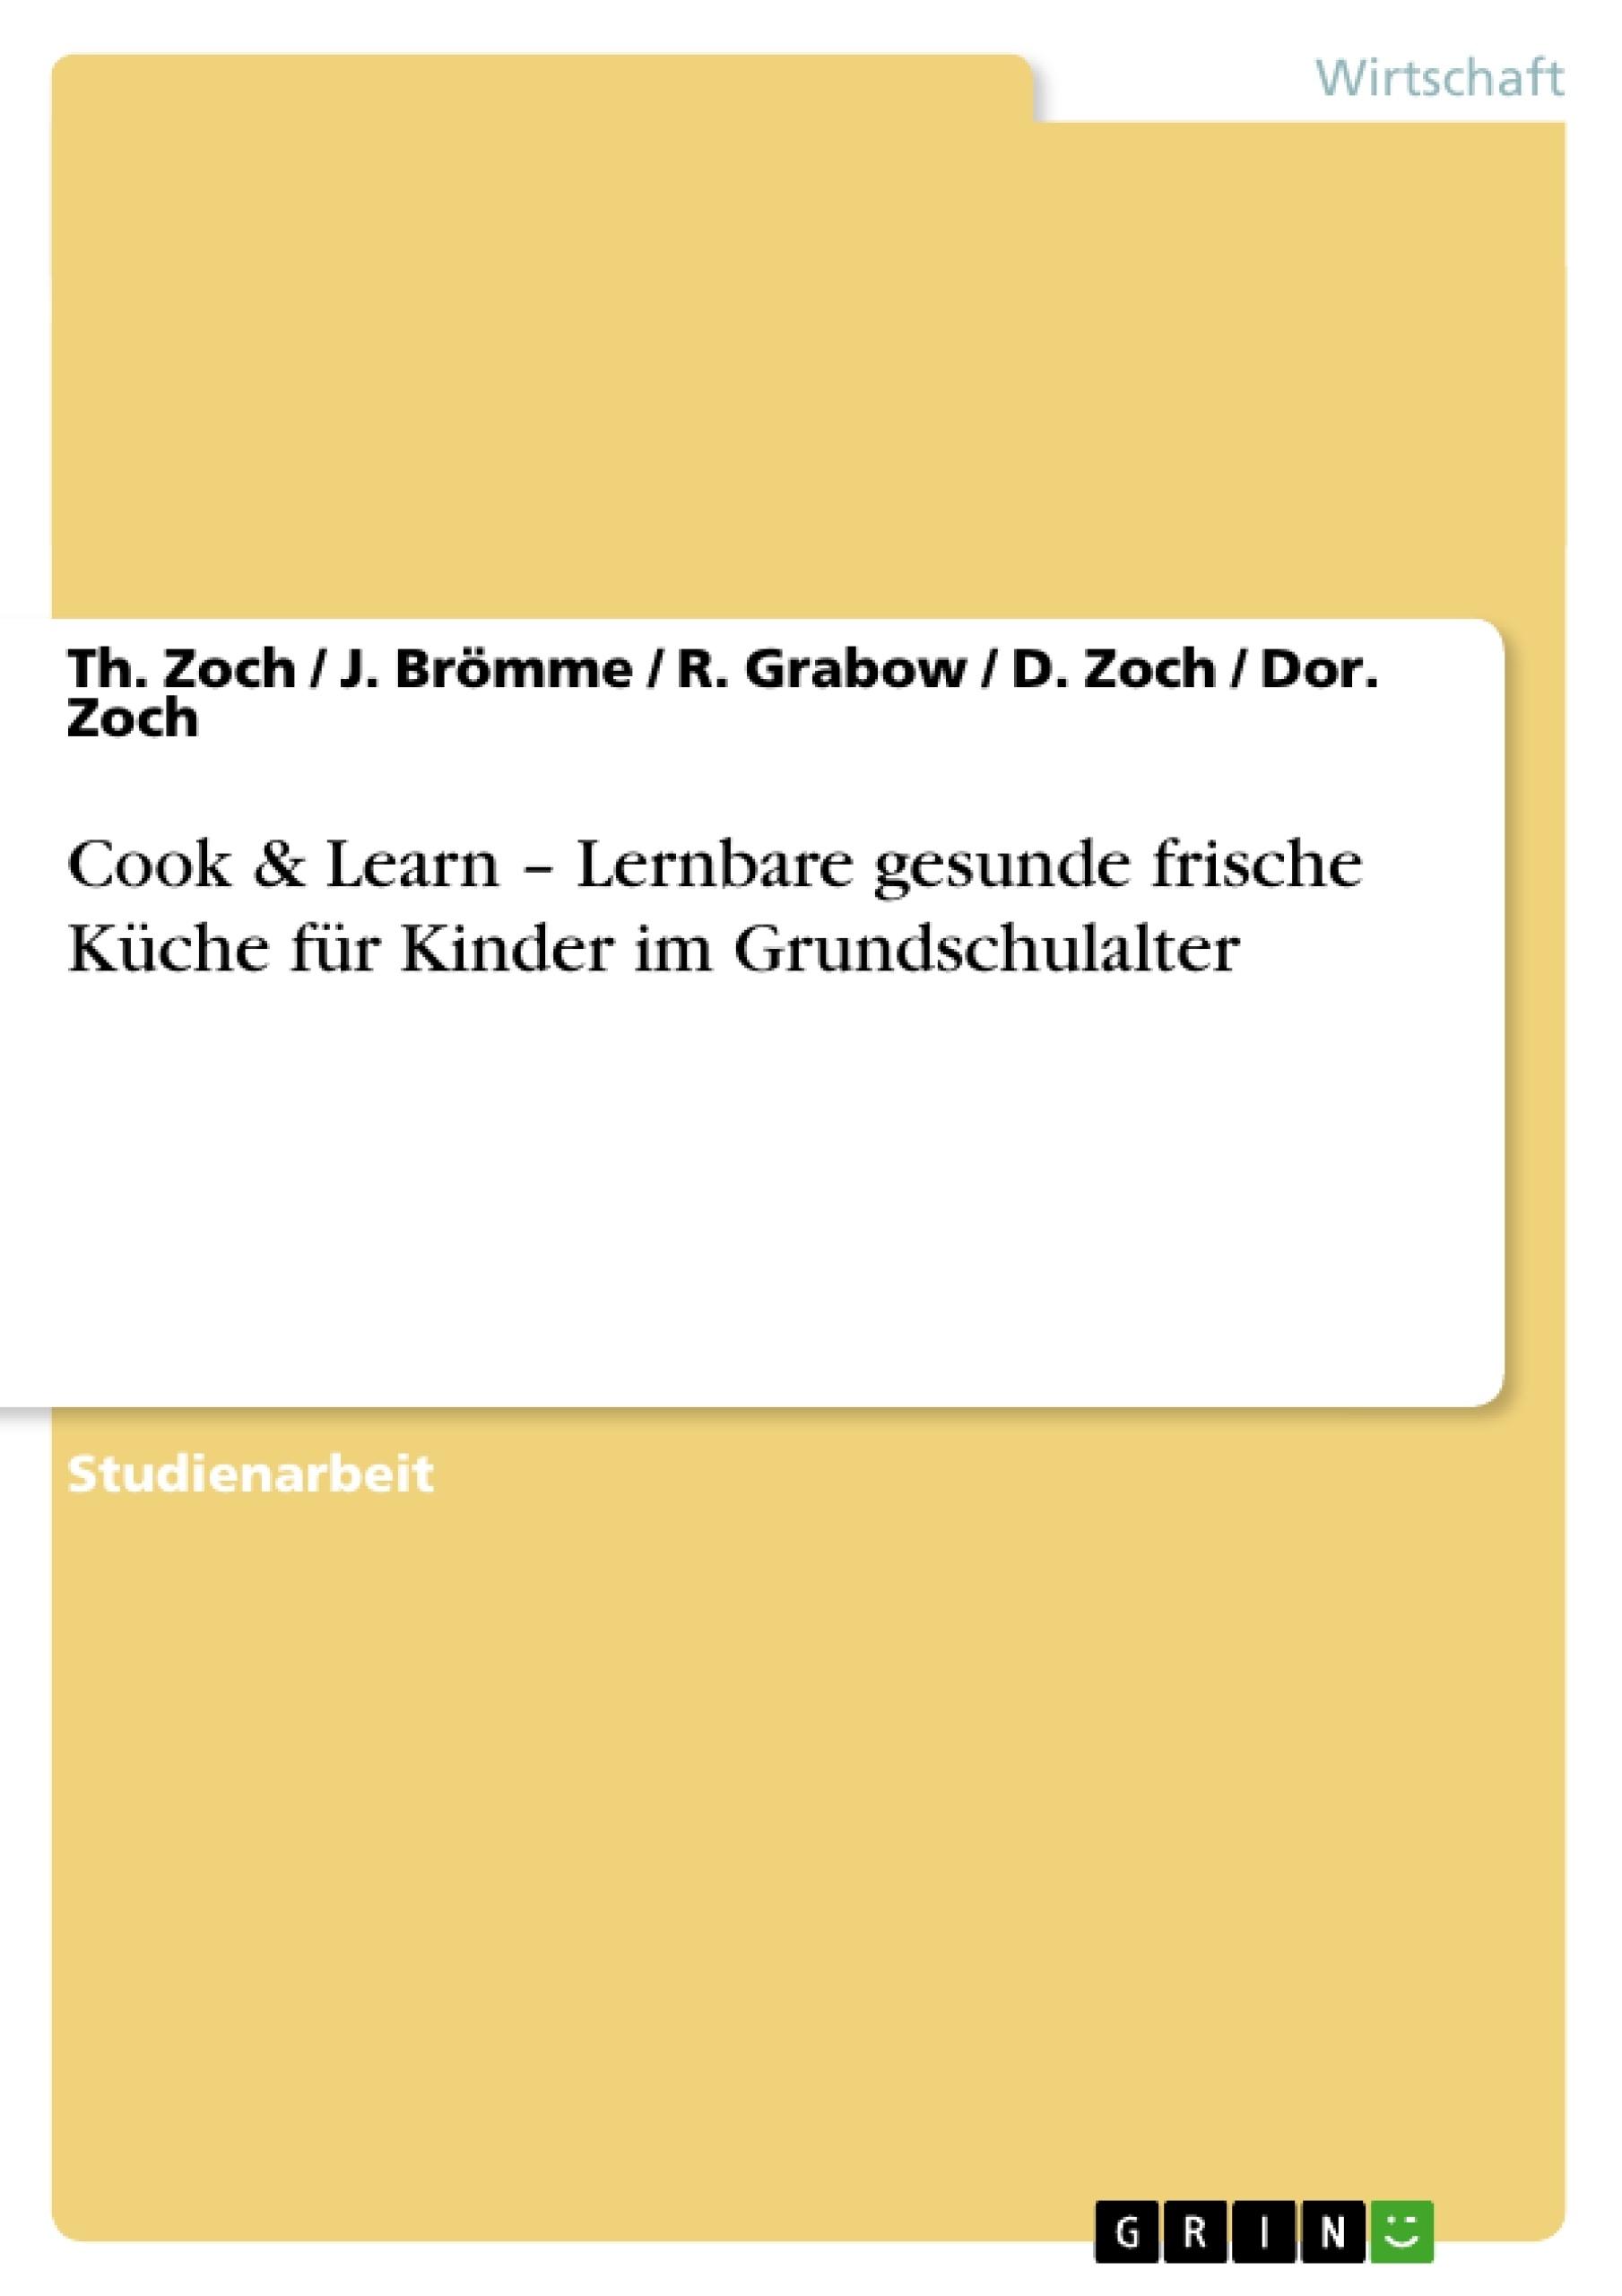 Titel: Cook & Learn – Lernbare gesunde frische Küche für Kinder im Grundschulalter